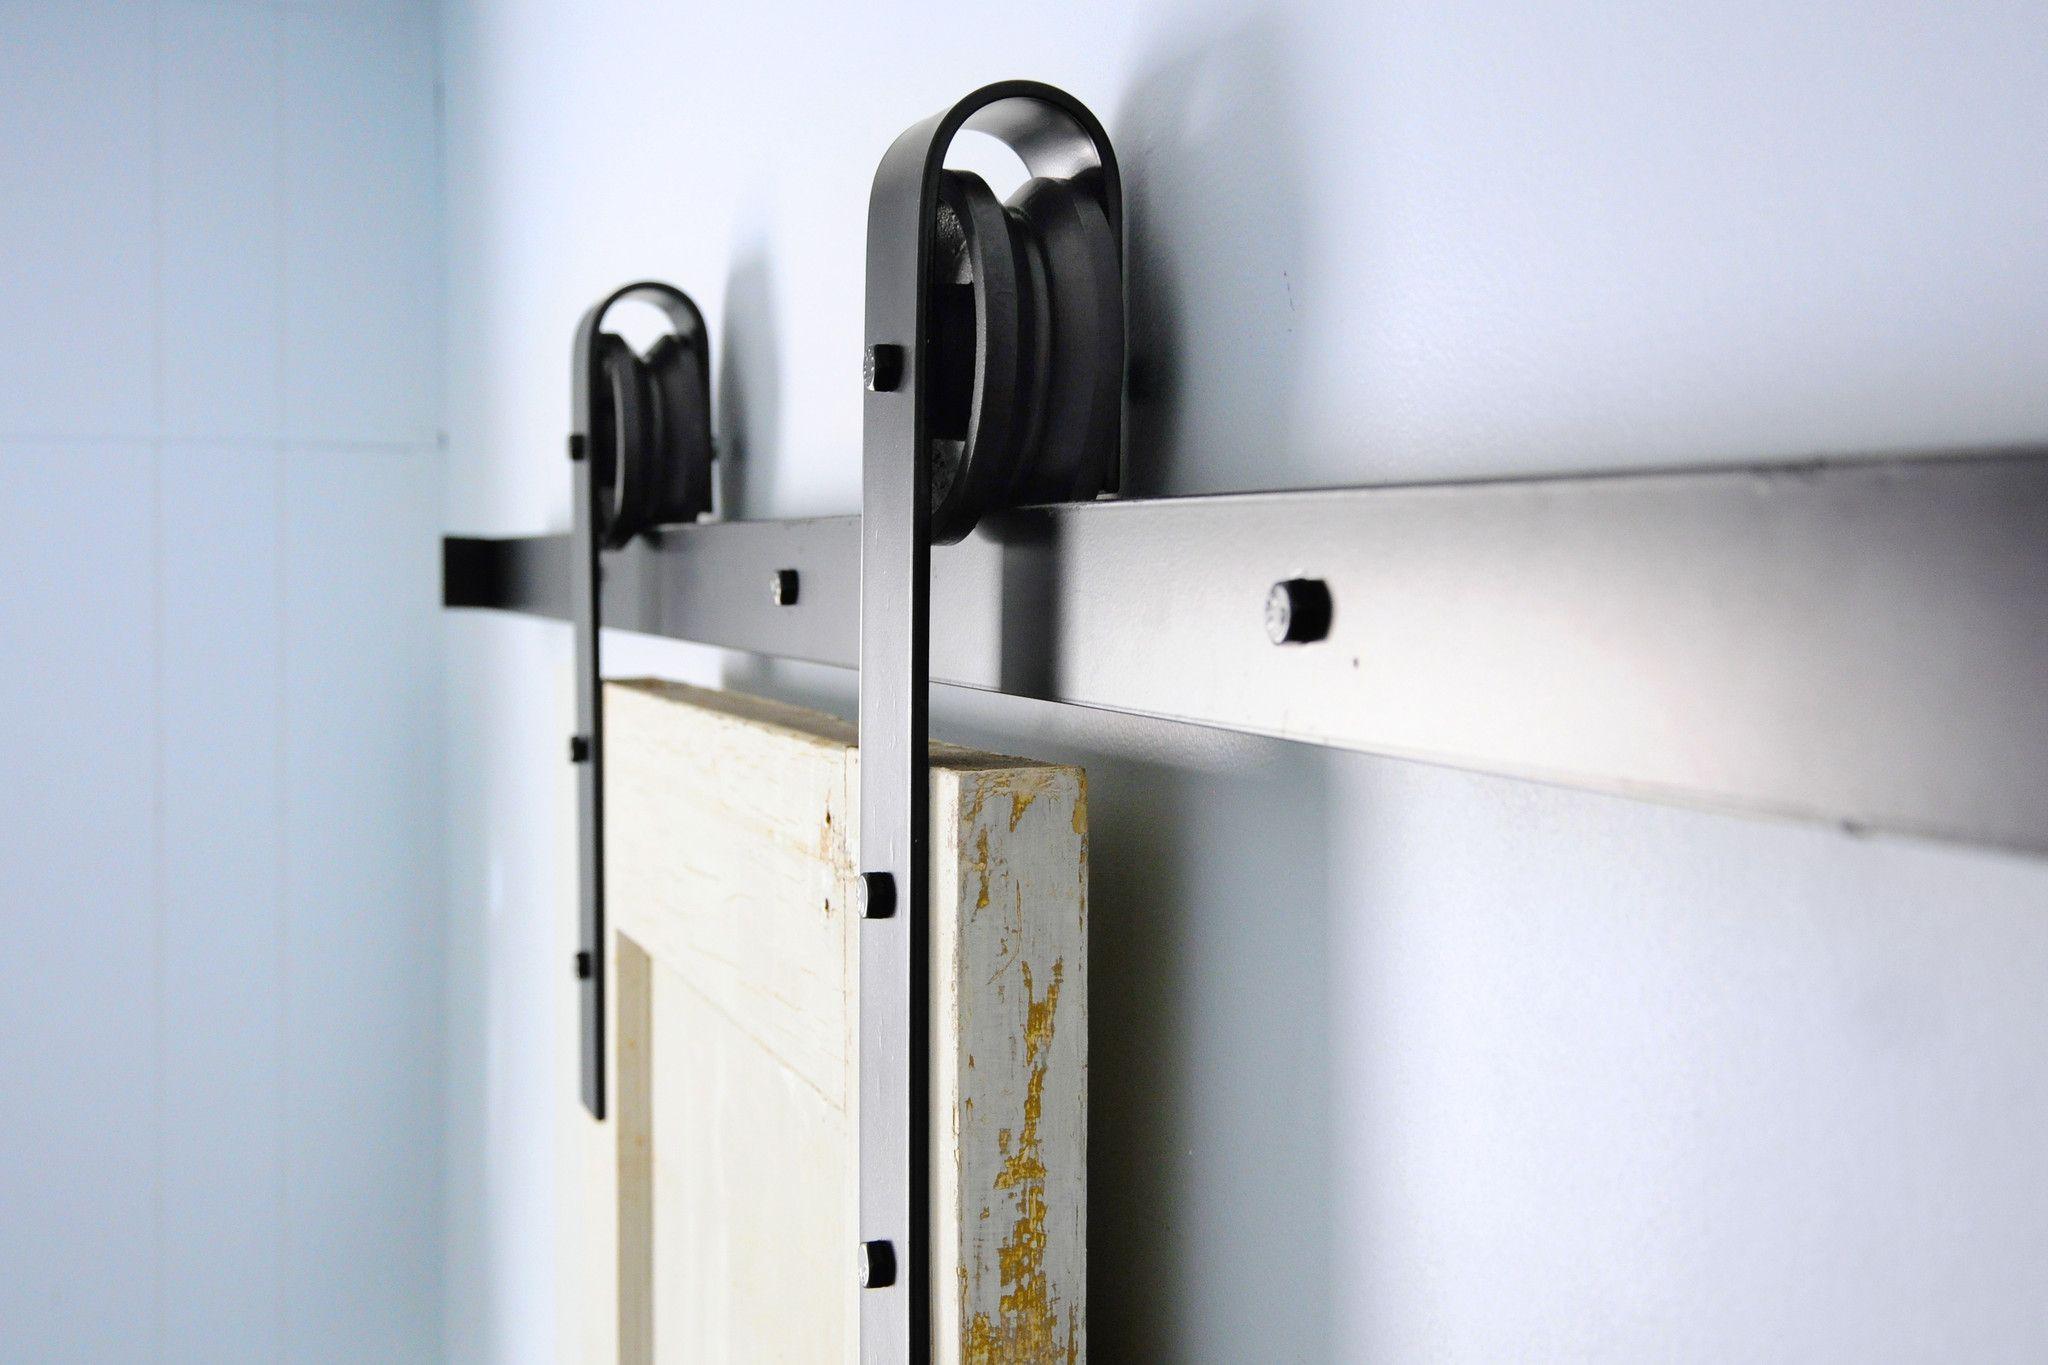 Riel de puerta corrediza herreria pinterest de puerta - Riel puerta corredera ...